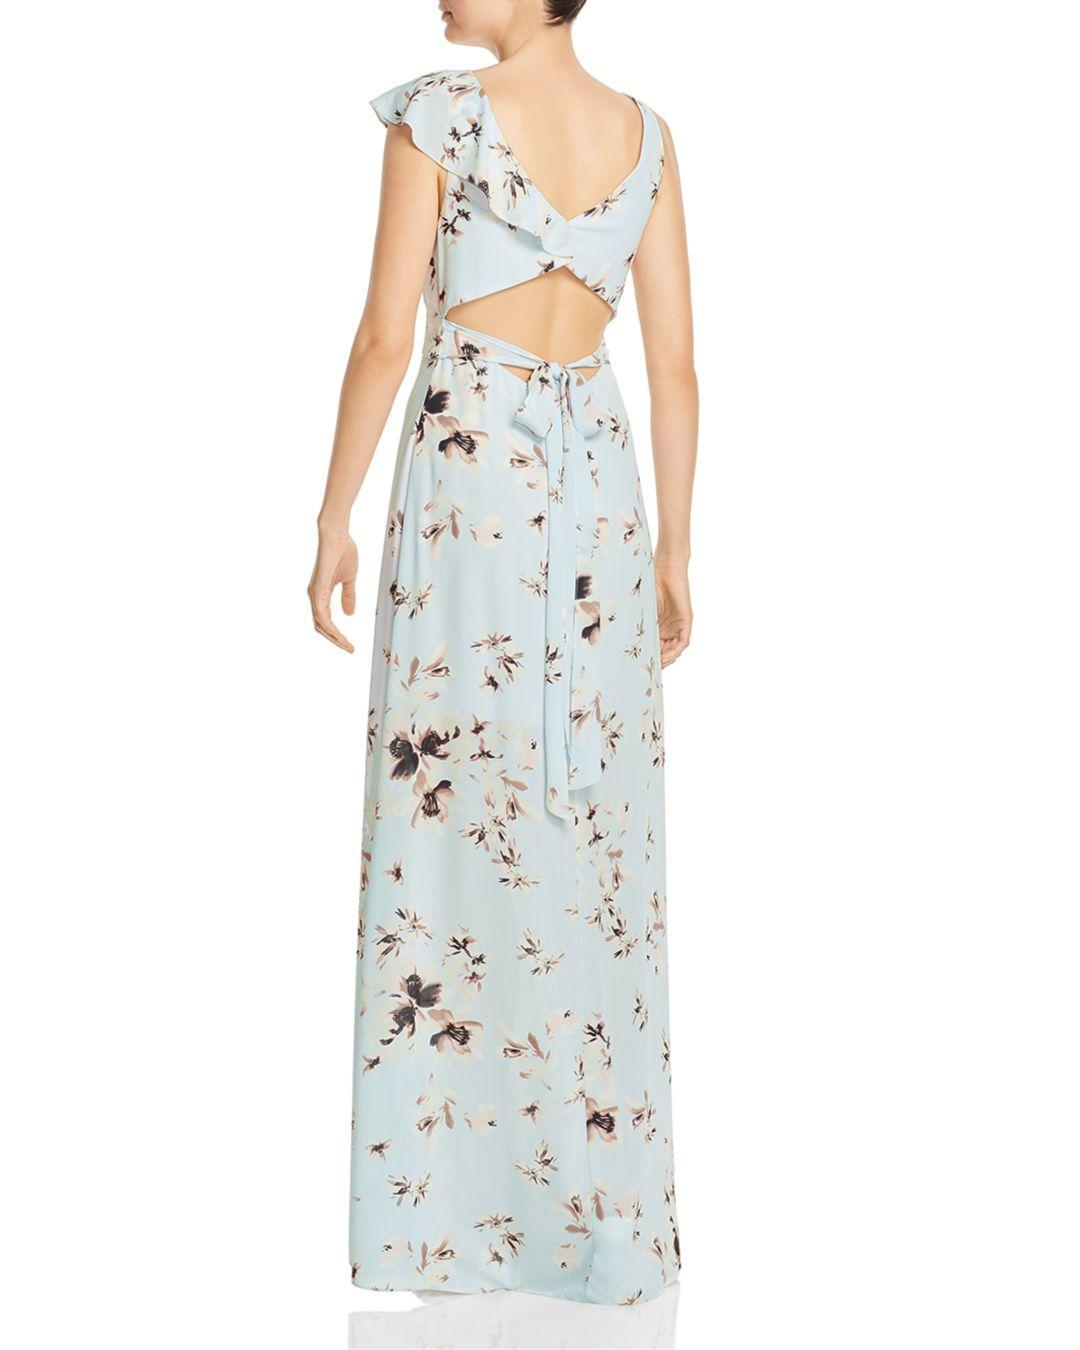 66e336bab2 Lyst - BCBGMAXAZRIA Ruffled Floral Gown